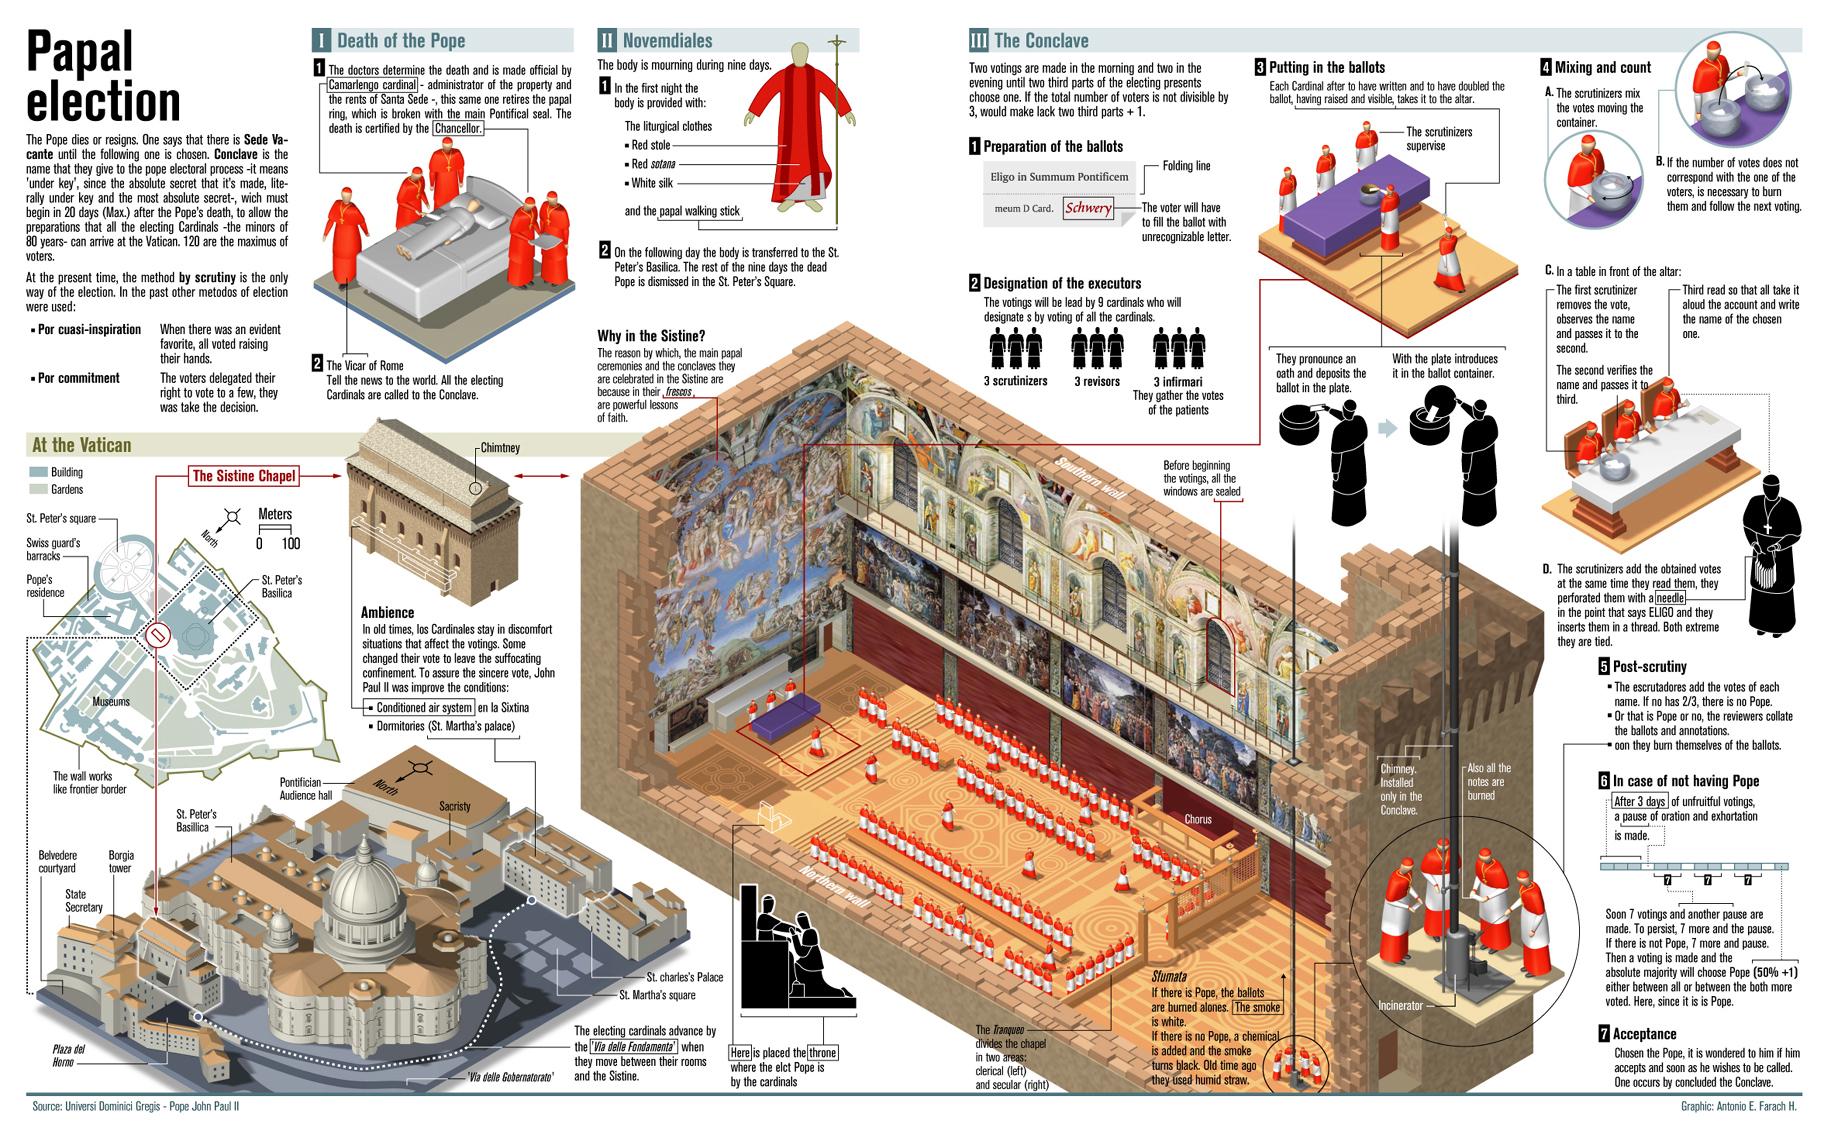 Sistine Chapel Petercanisiusmichaeldavidkang